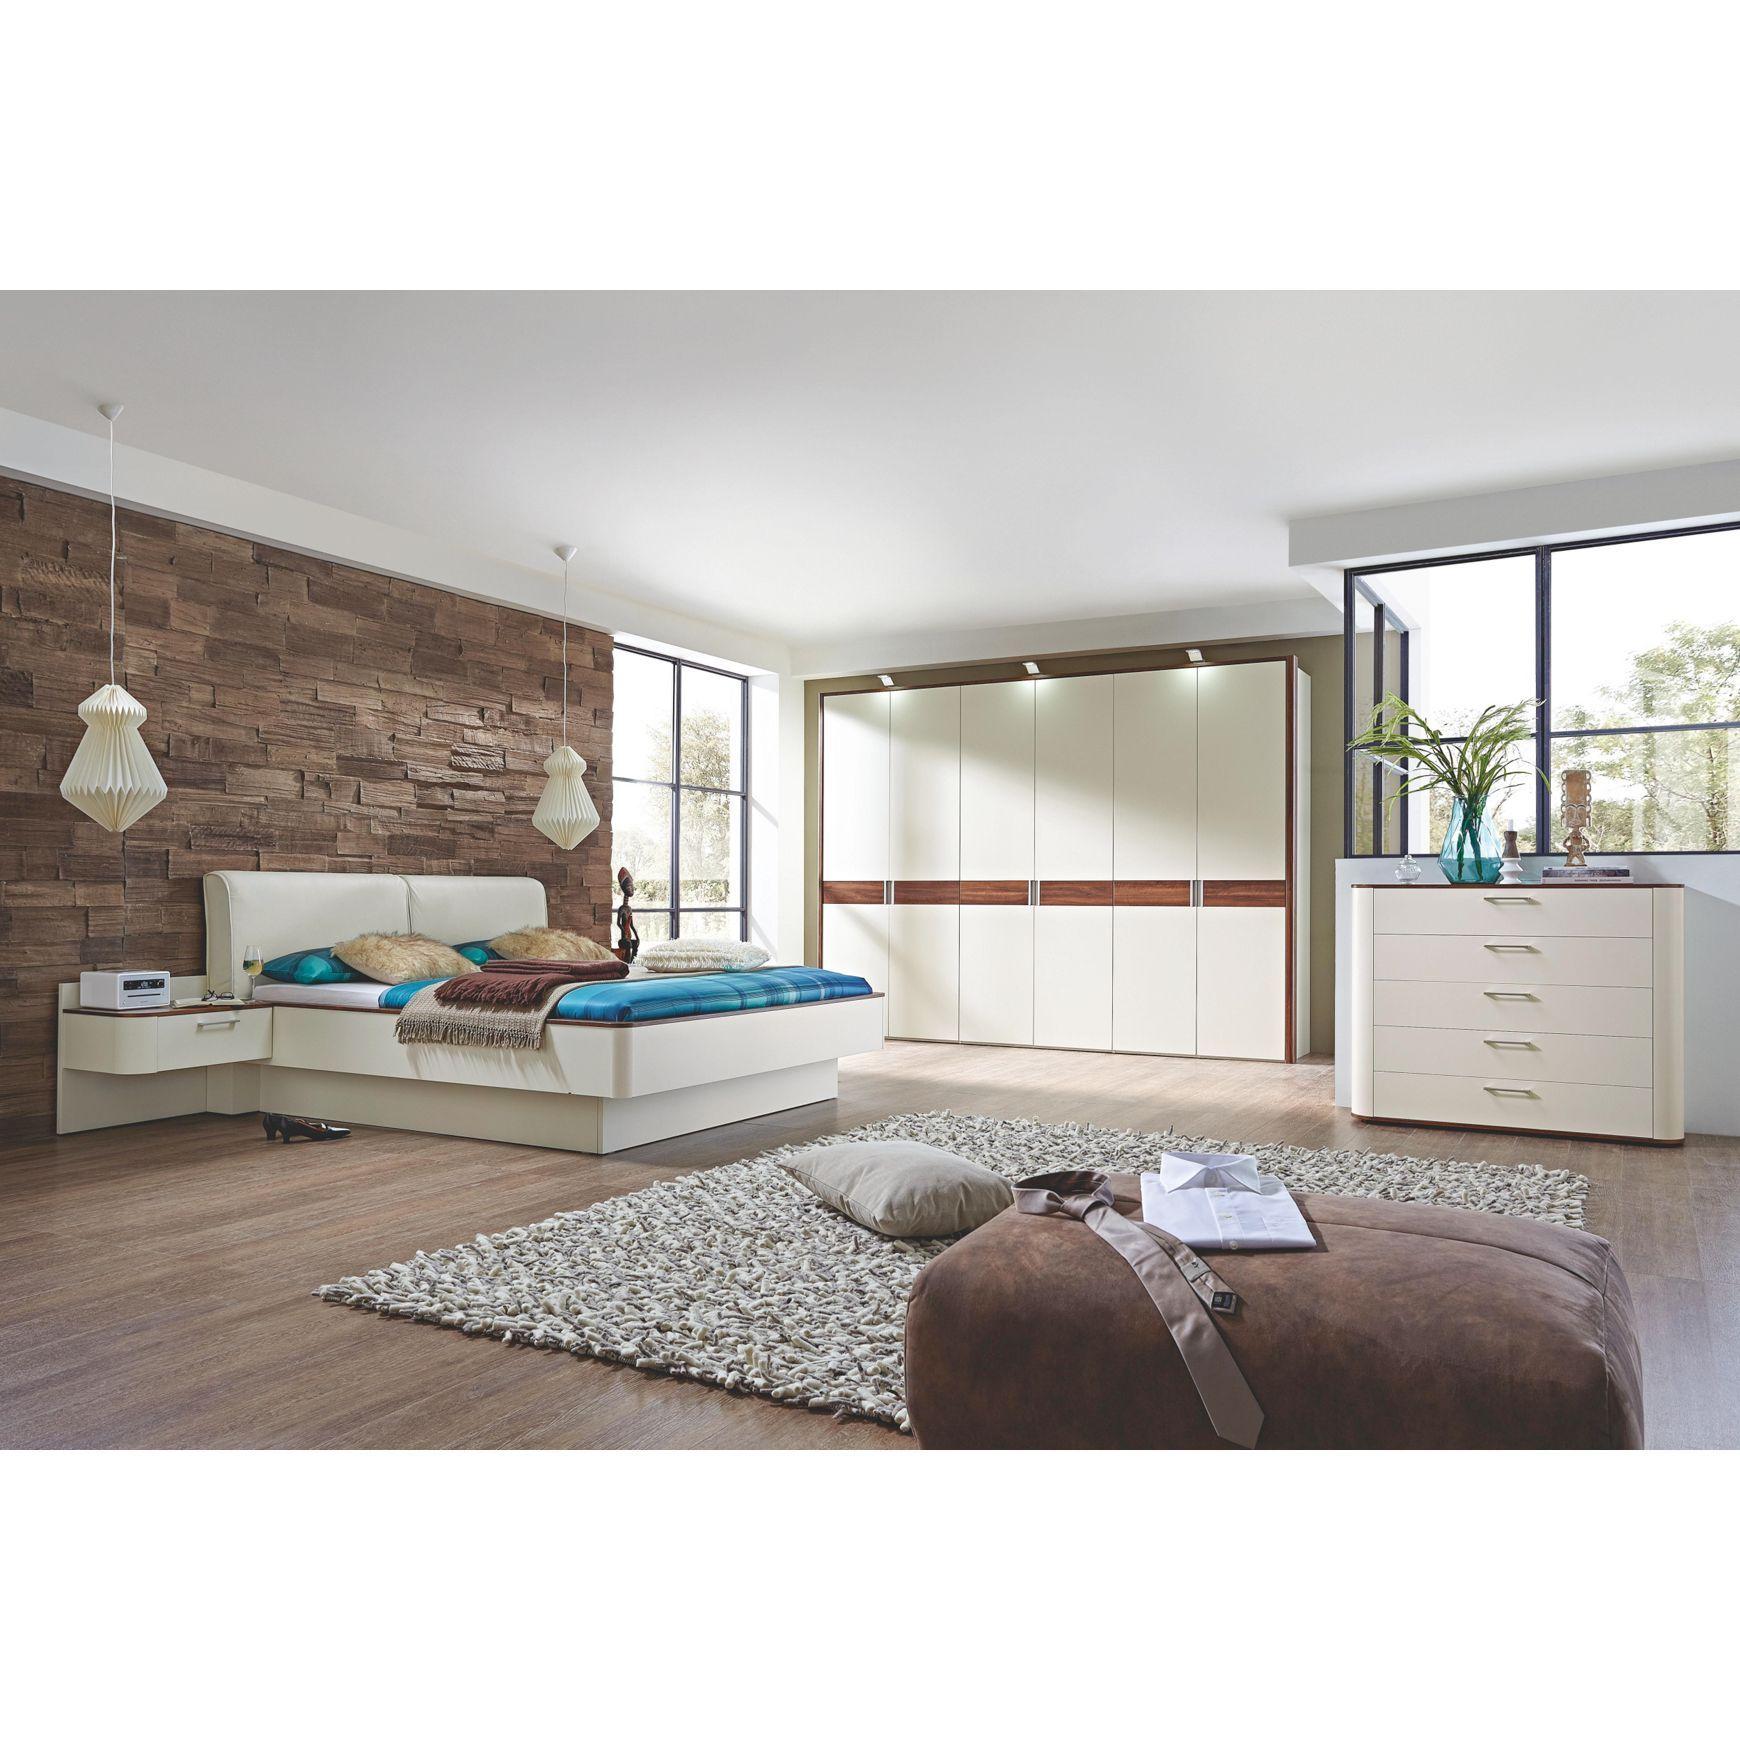 Helles modernes Schlafzimmer komplett eingerichtet mit